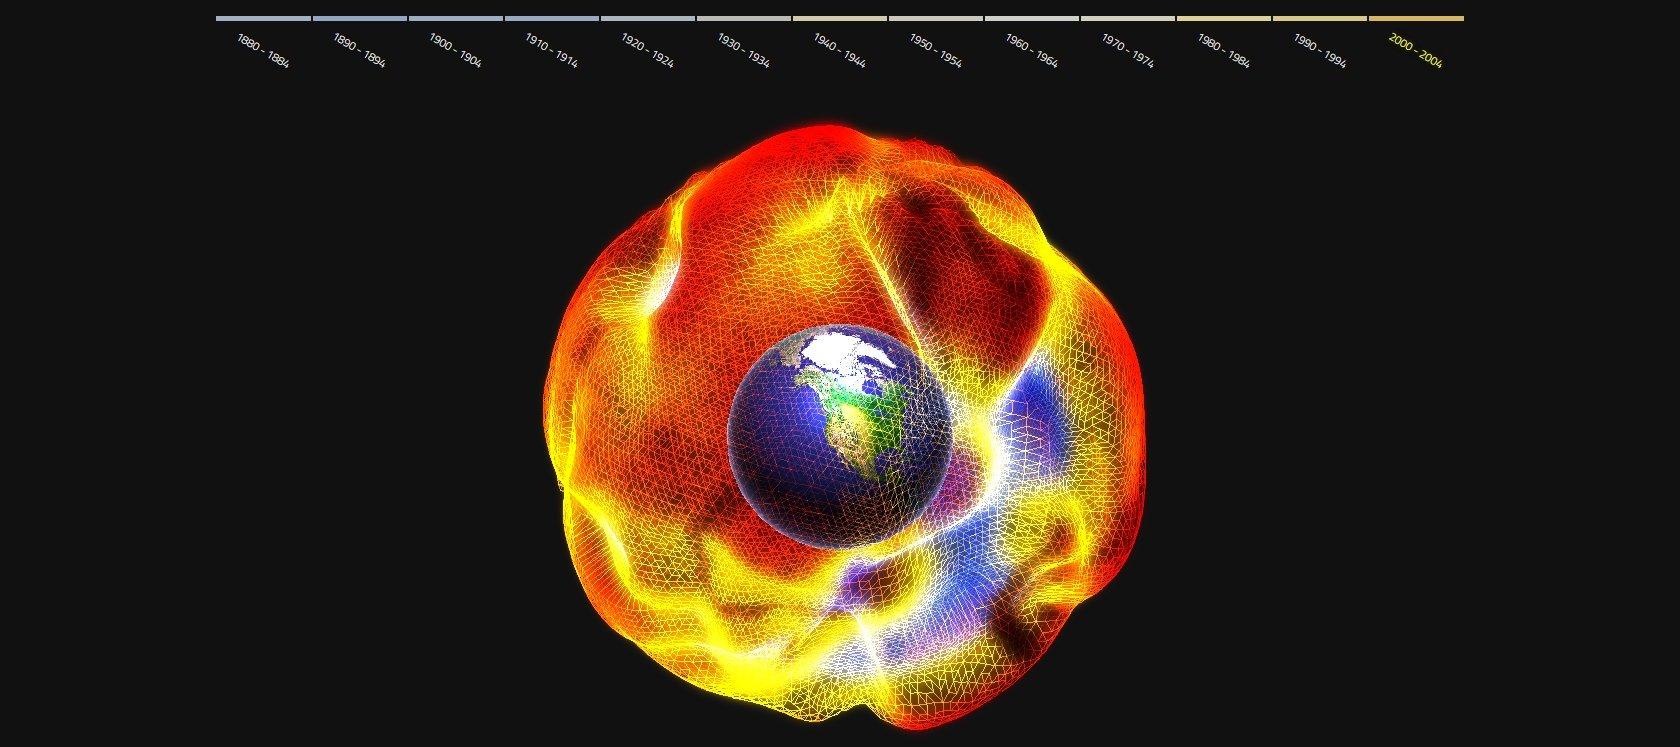 De 1800 a 2004: gráfico mostra variações de temperatura sobre o Globo